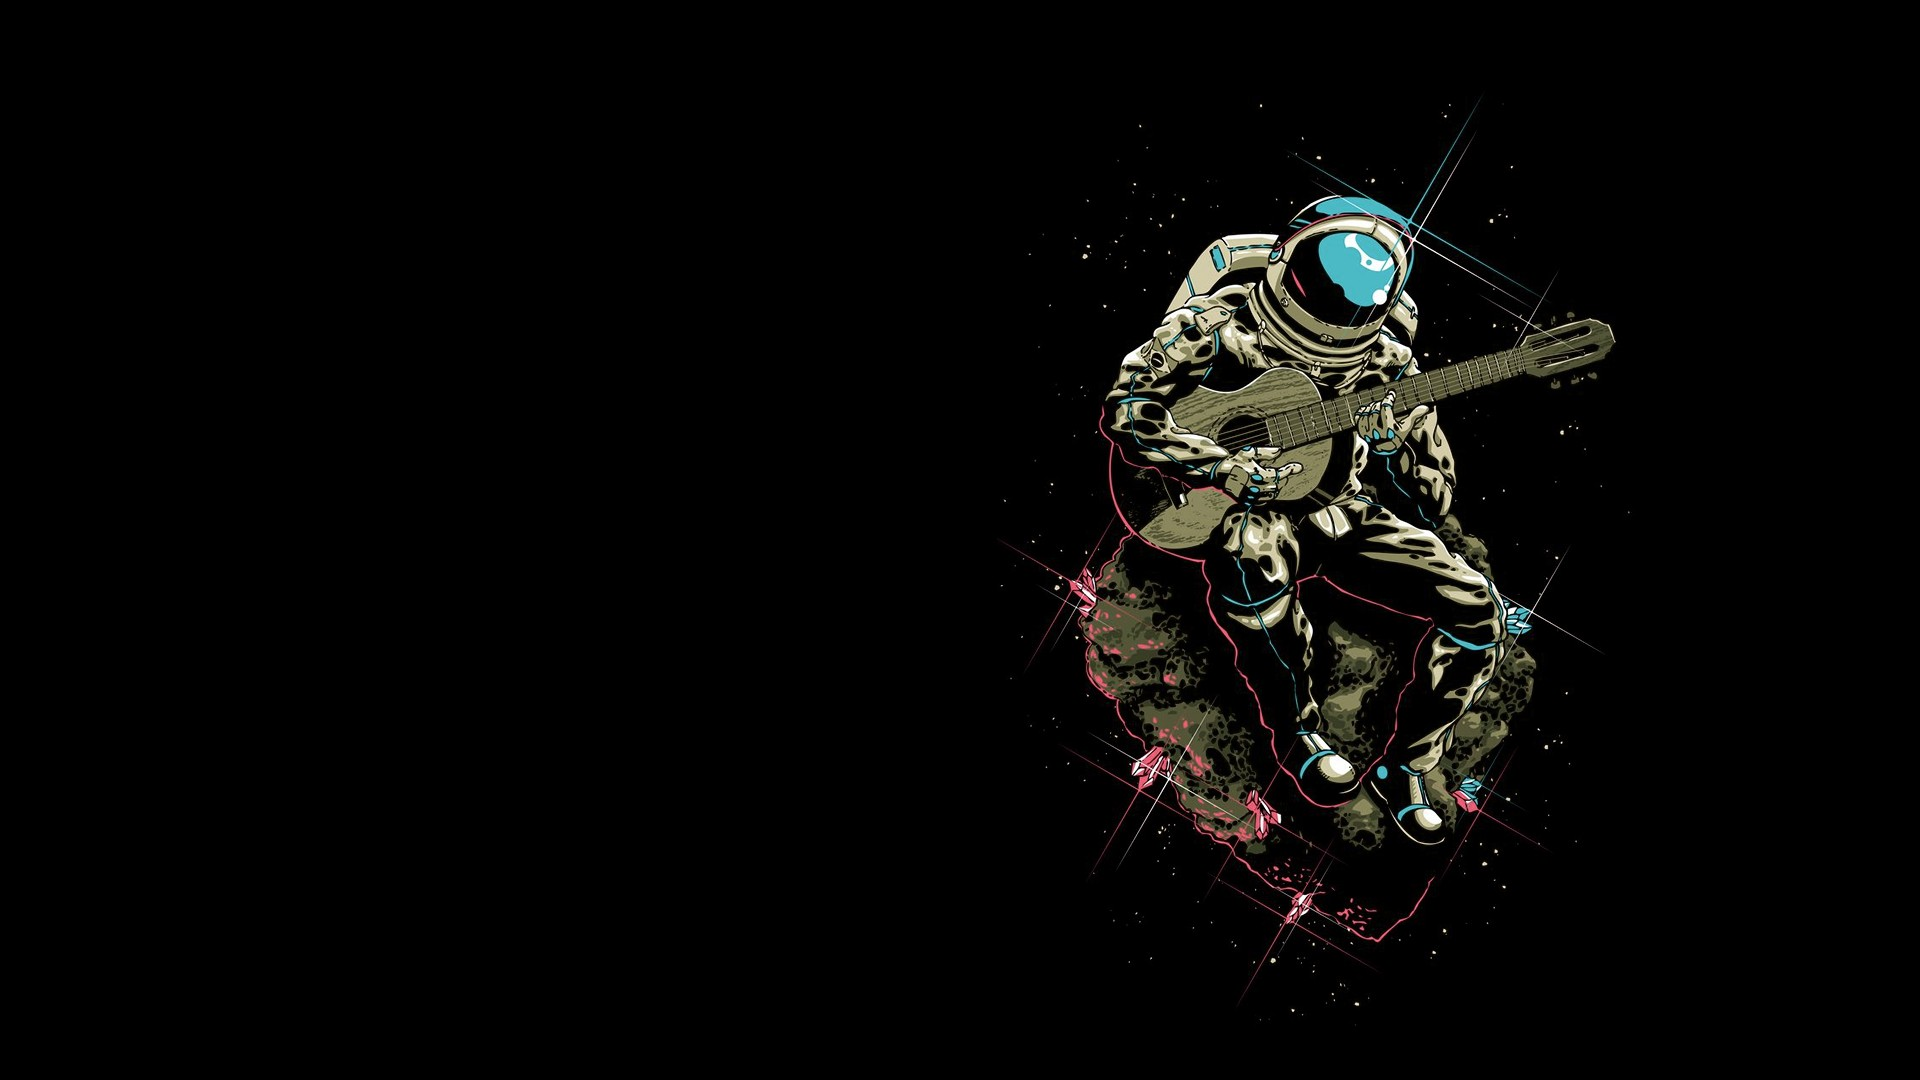 космос трава космонавт space grass astronaut  № 3317127  скачать